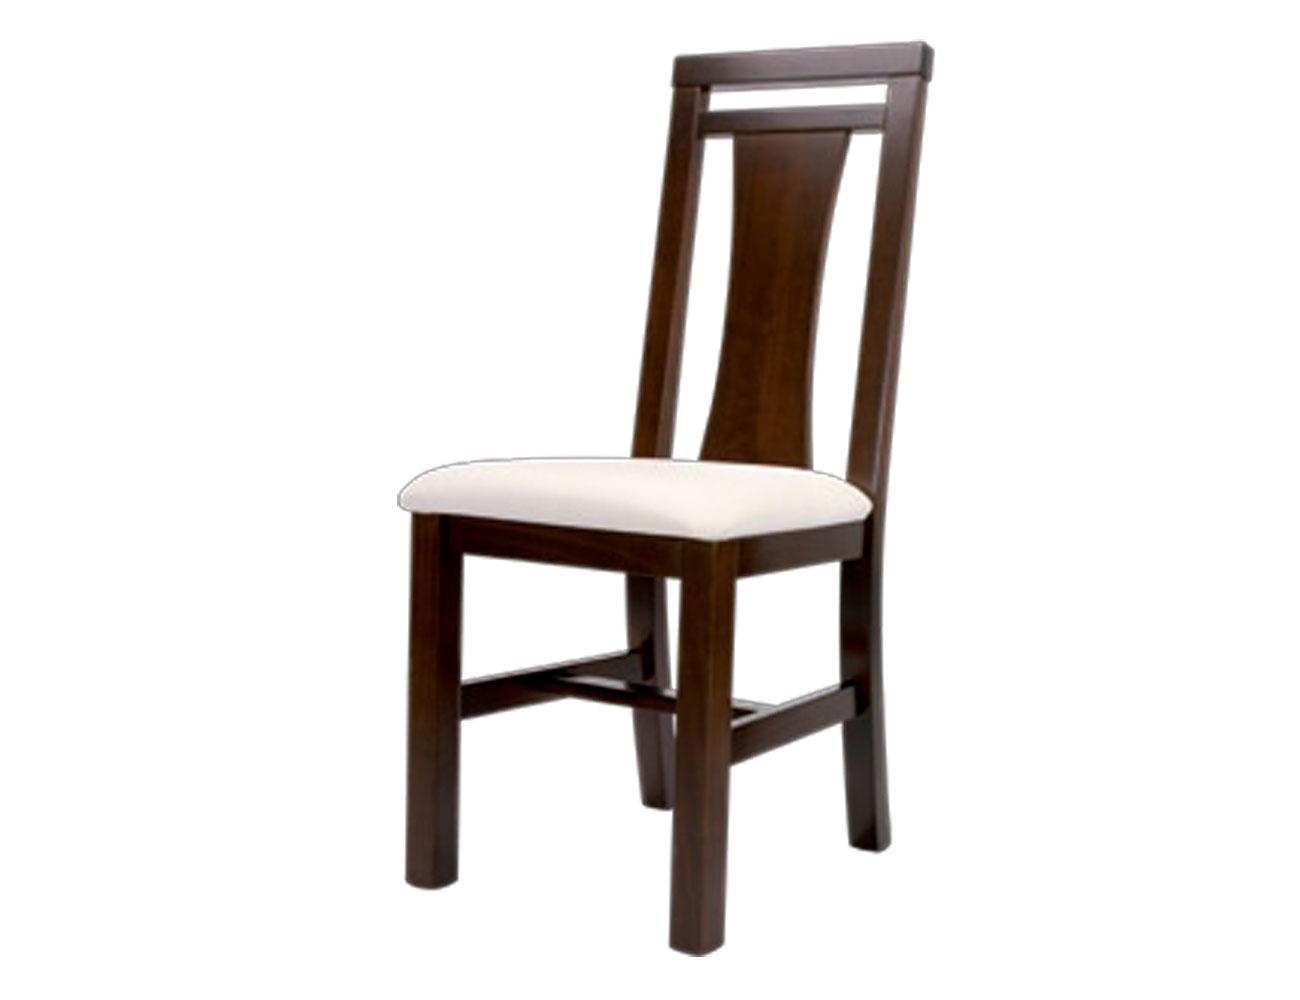 C0 55 silla madera1